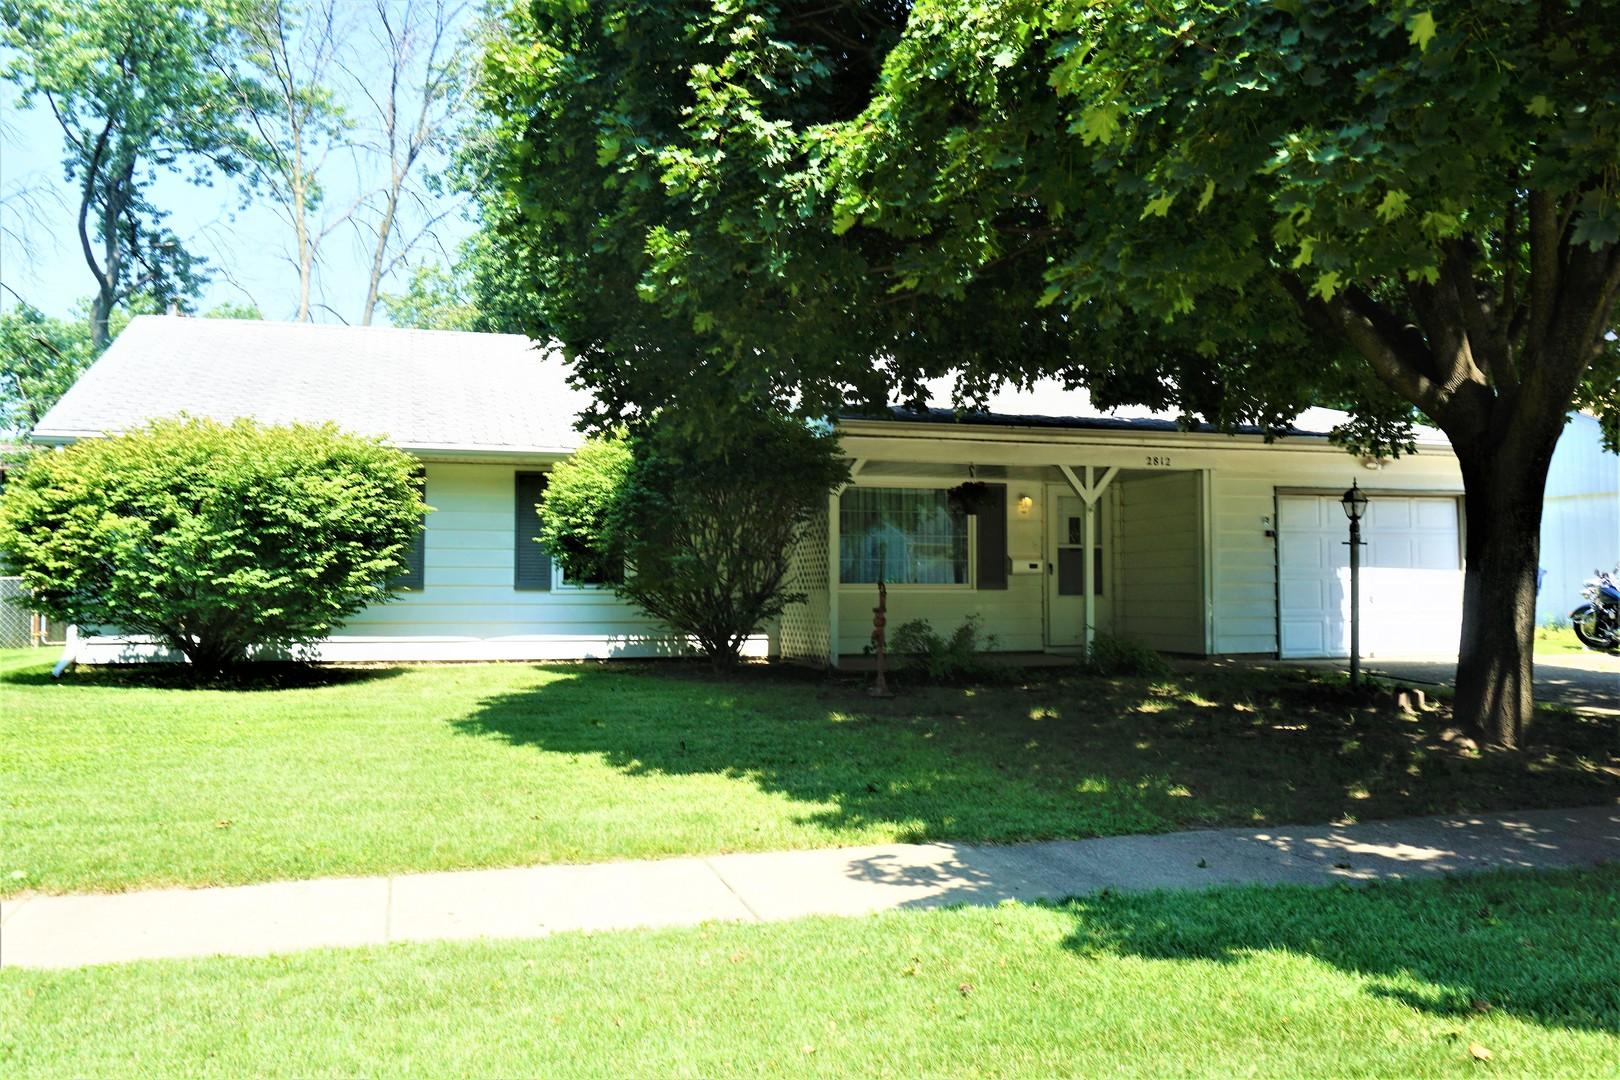 2812 Sangamon Drive, Champaign in Champaign County, IL 61821 Home for Sale